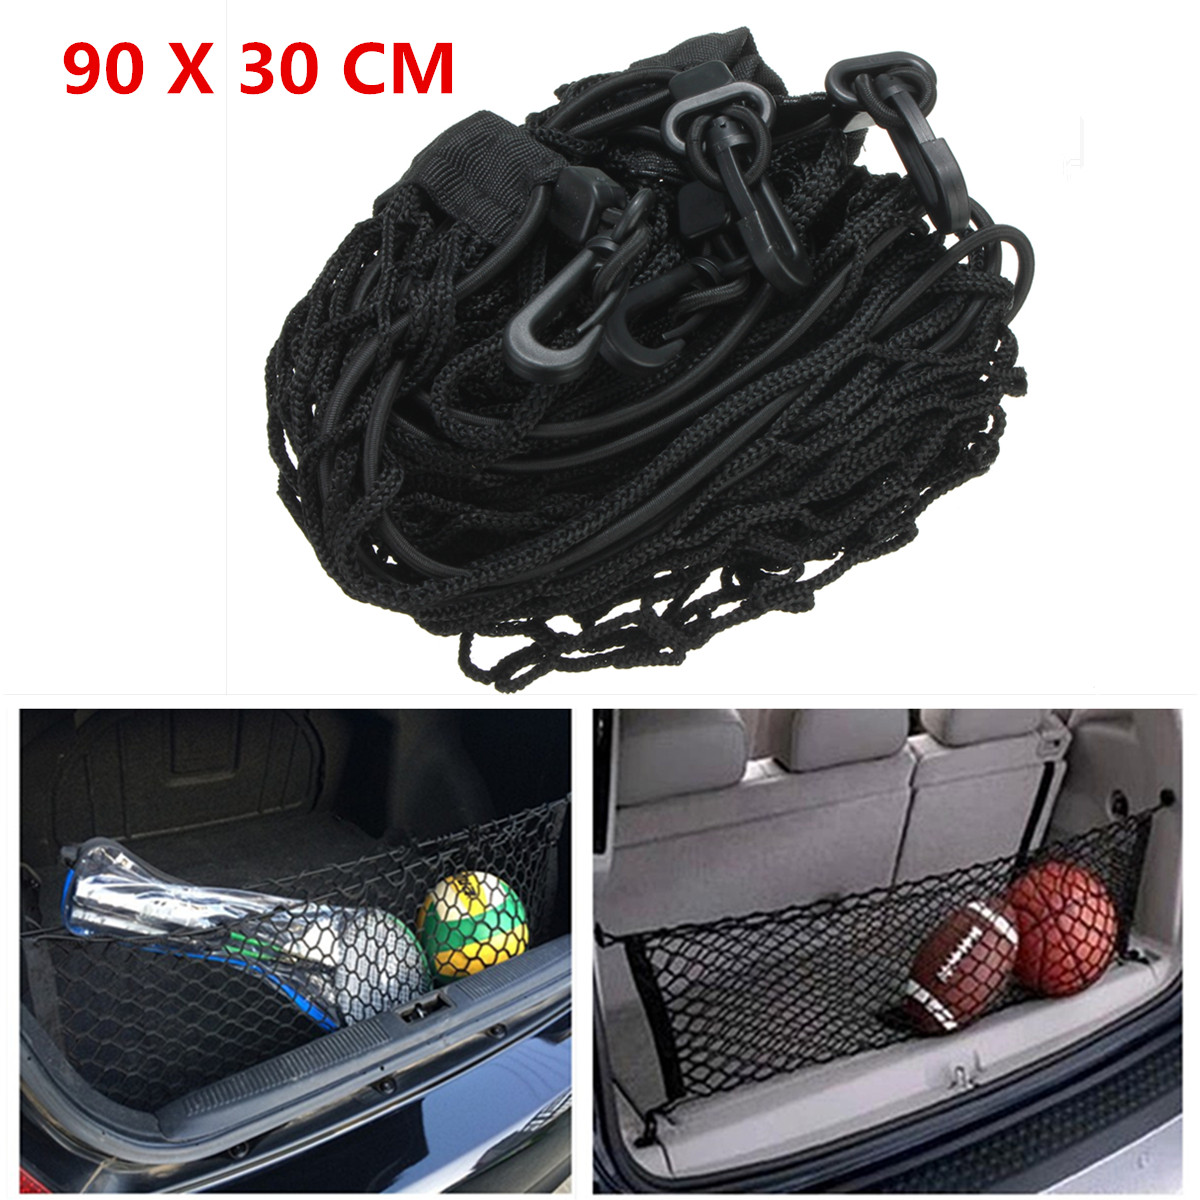 90x30cm Black Nylon Car Trunk Rear Cargo Organizer Storage Elastic Mesh Net